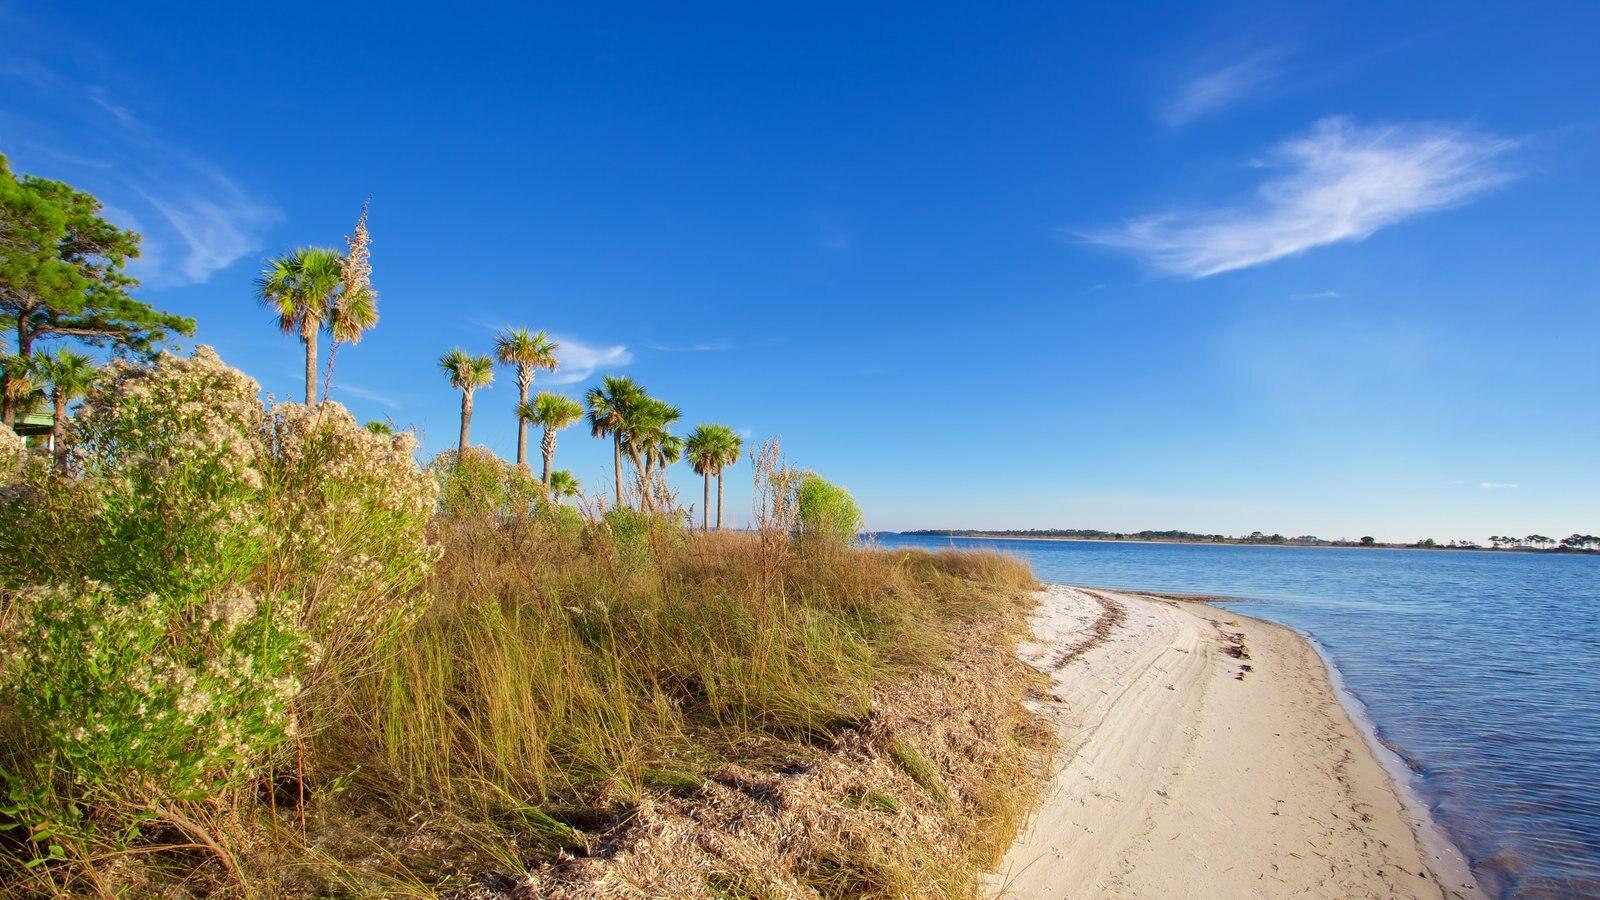 Upper Grand Lagoon mostrando um lago ou charco, uma praia de areia e cenas tranquilas